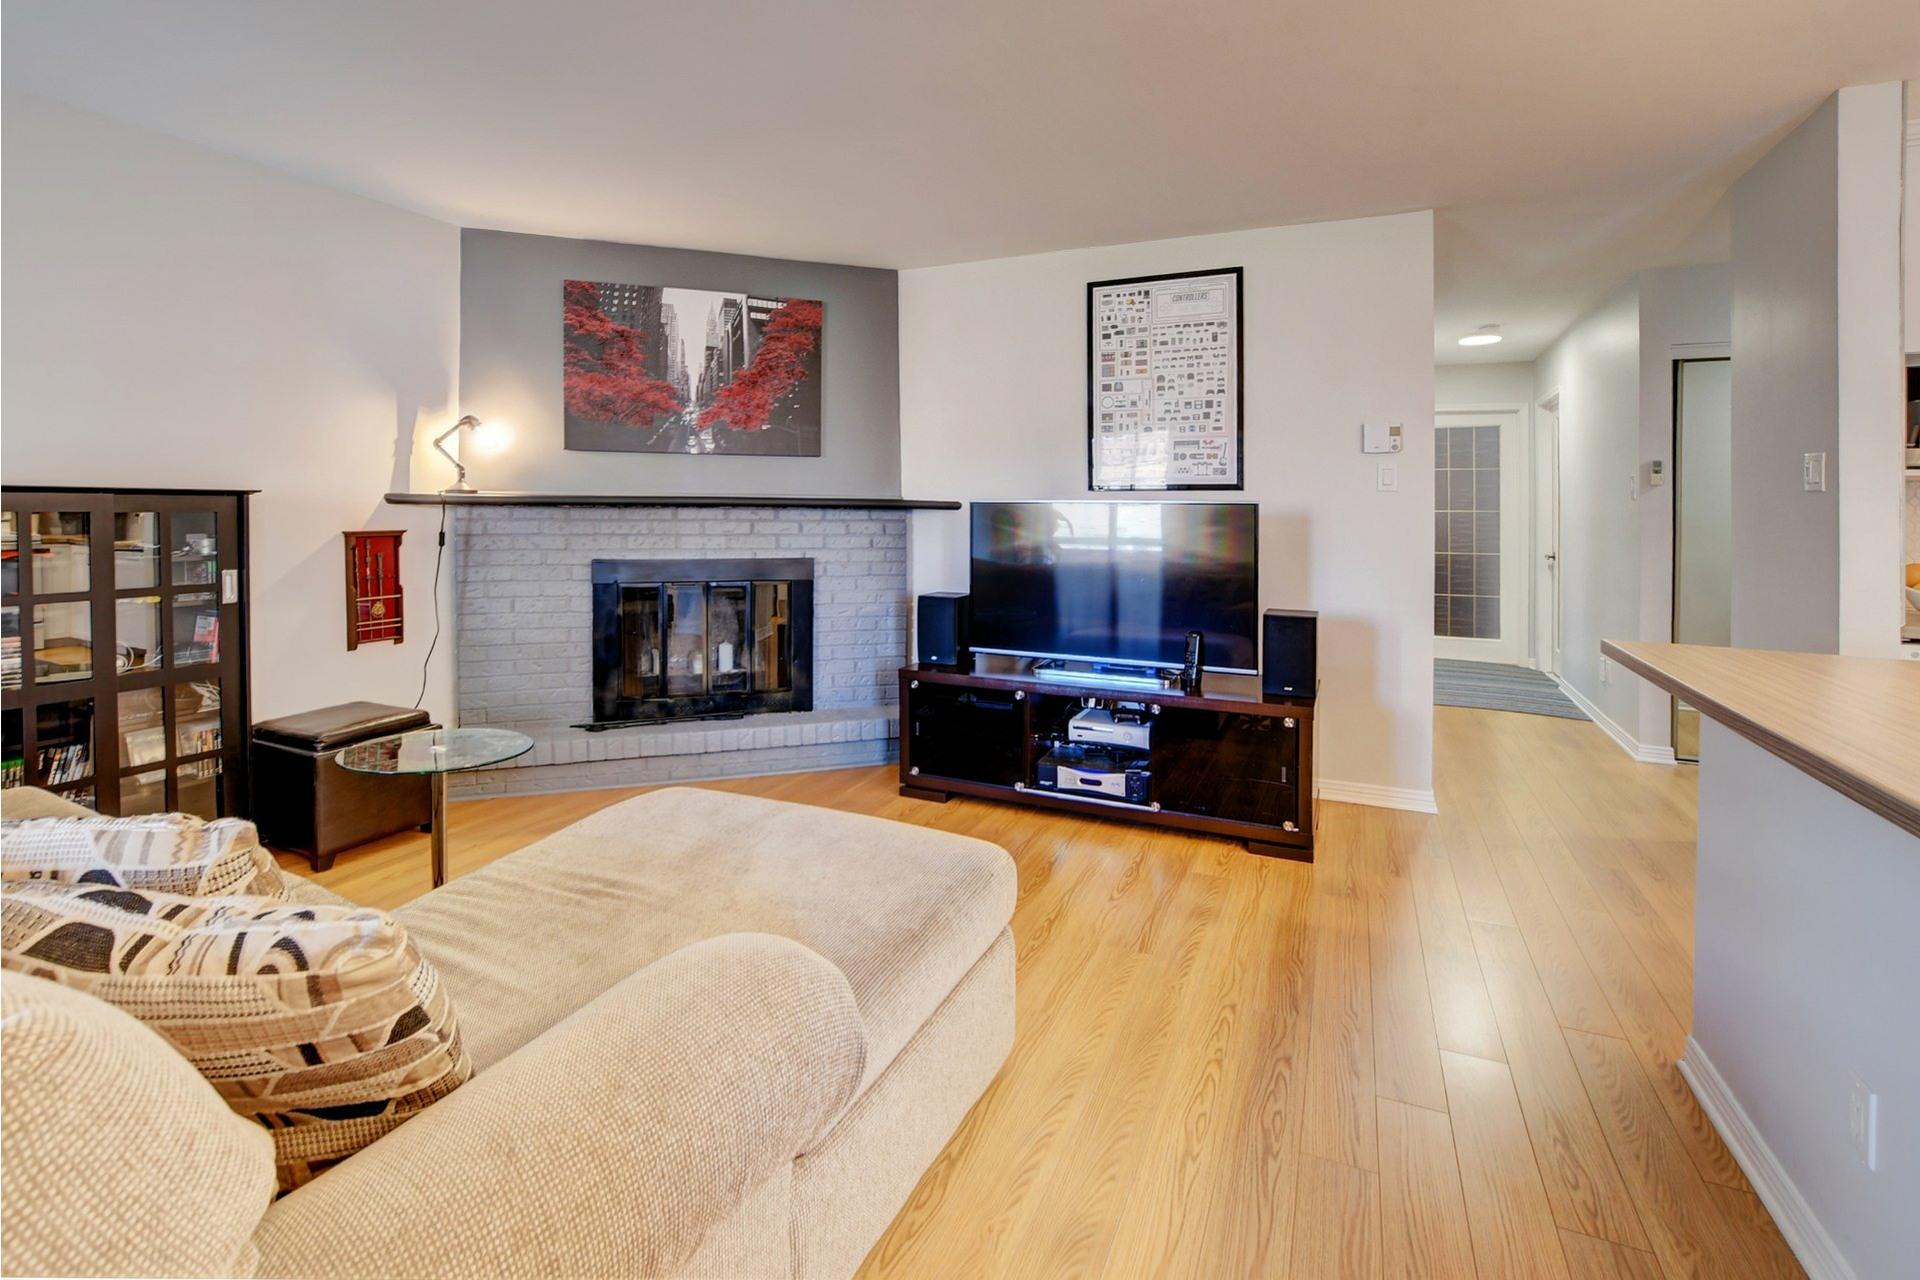 image 10 - Apartment For sale Rivière-des-Prairies/Pointe-aux-Trembles Montréal  - 9 rooms